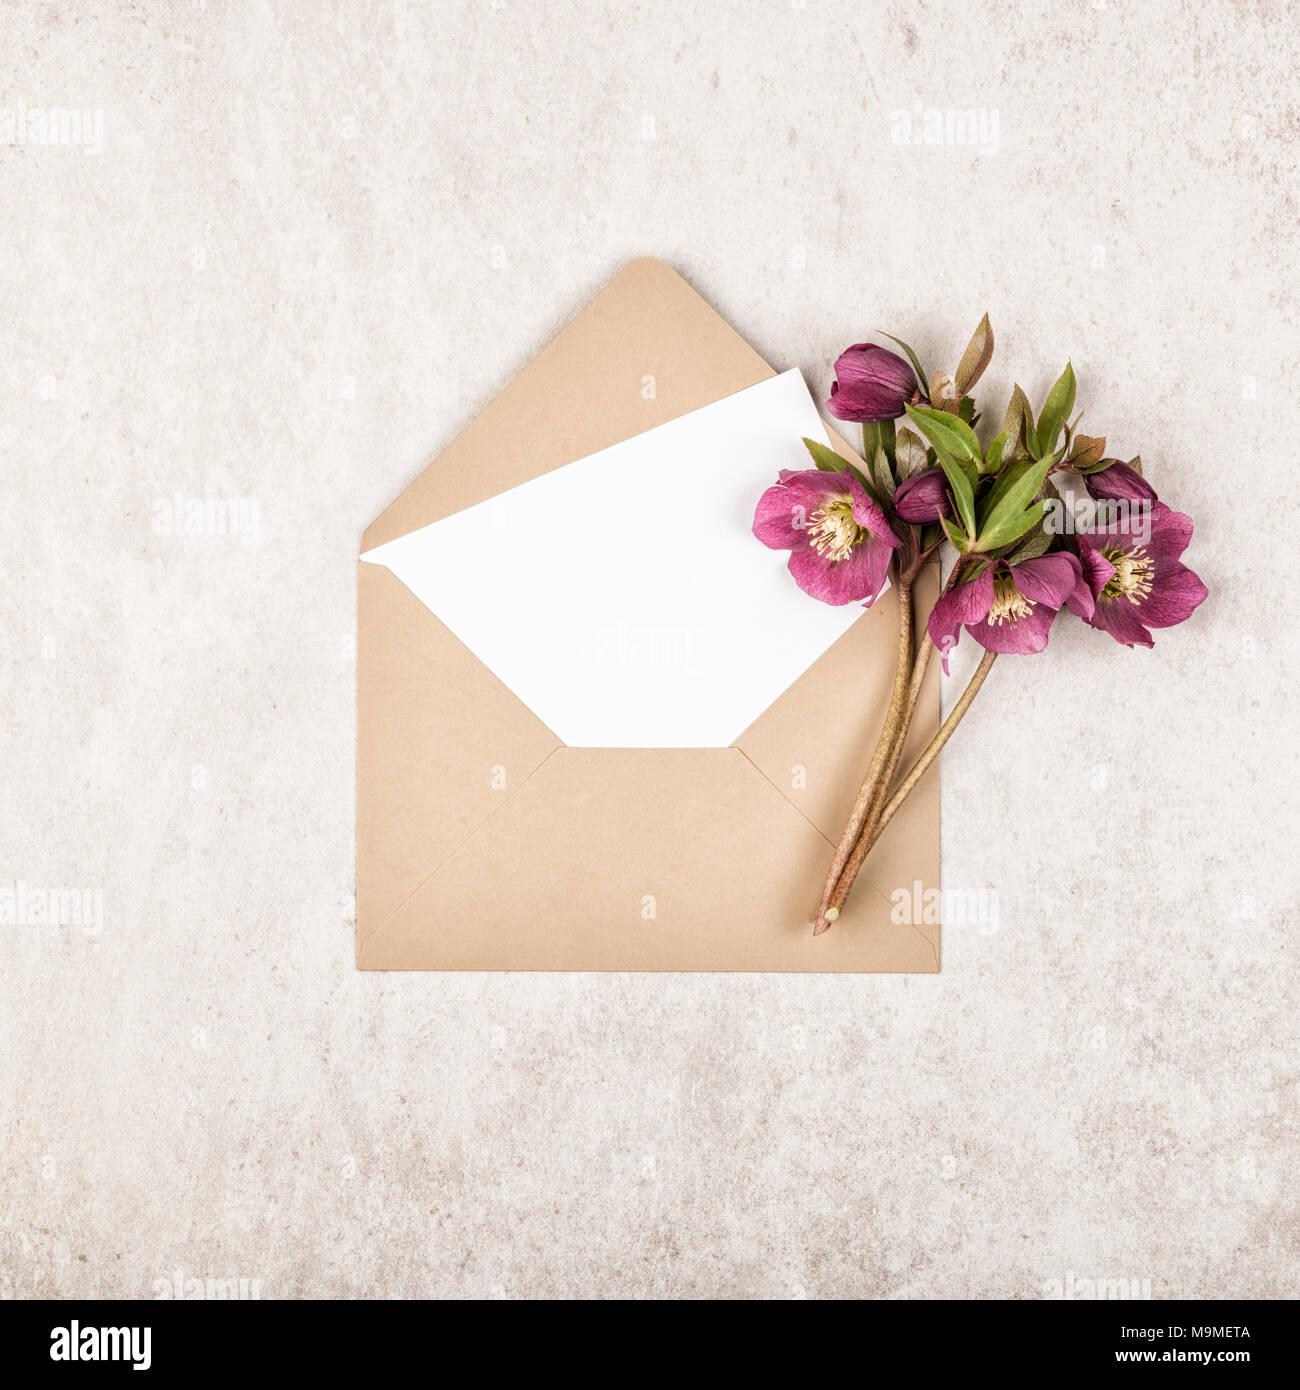 Beige Handwerk Umschlag Mit Leeren Weissen Hinweis Karte Und